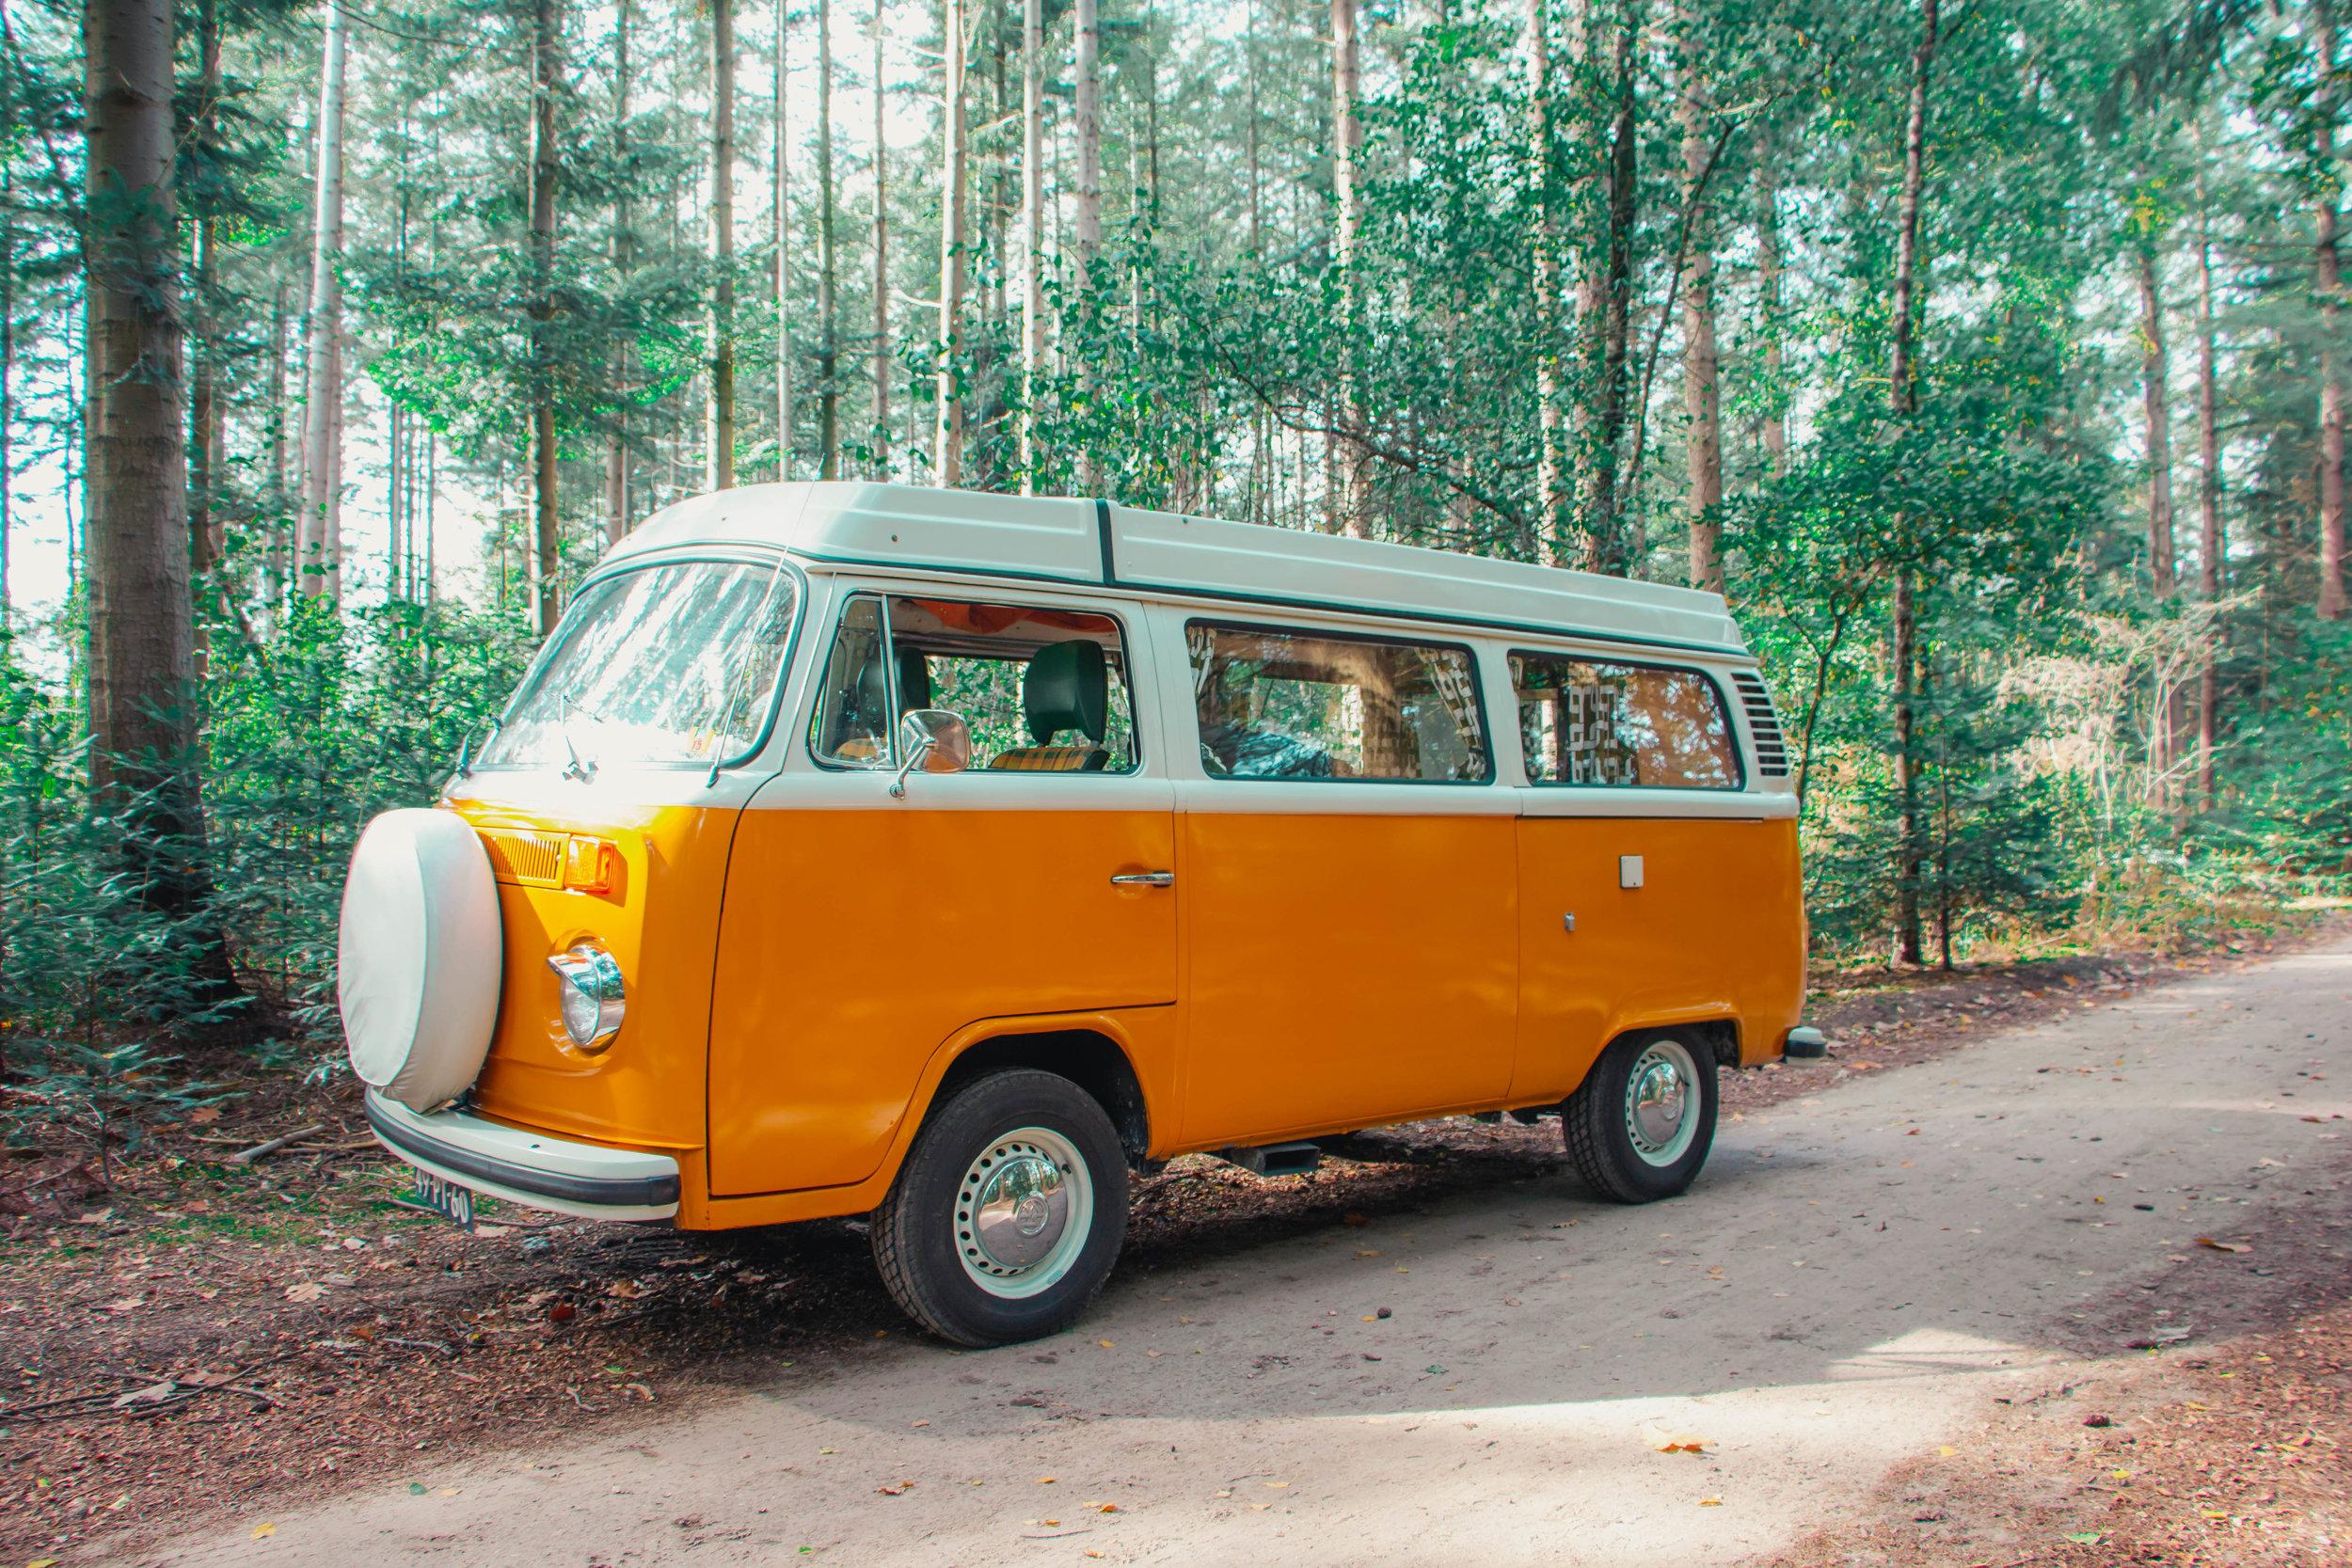 VW Camper - Van life for a weekend